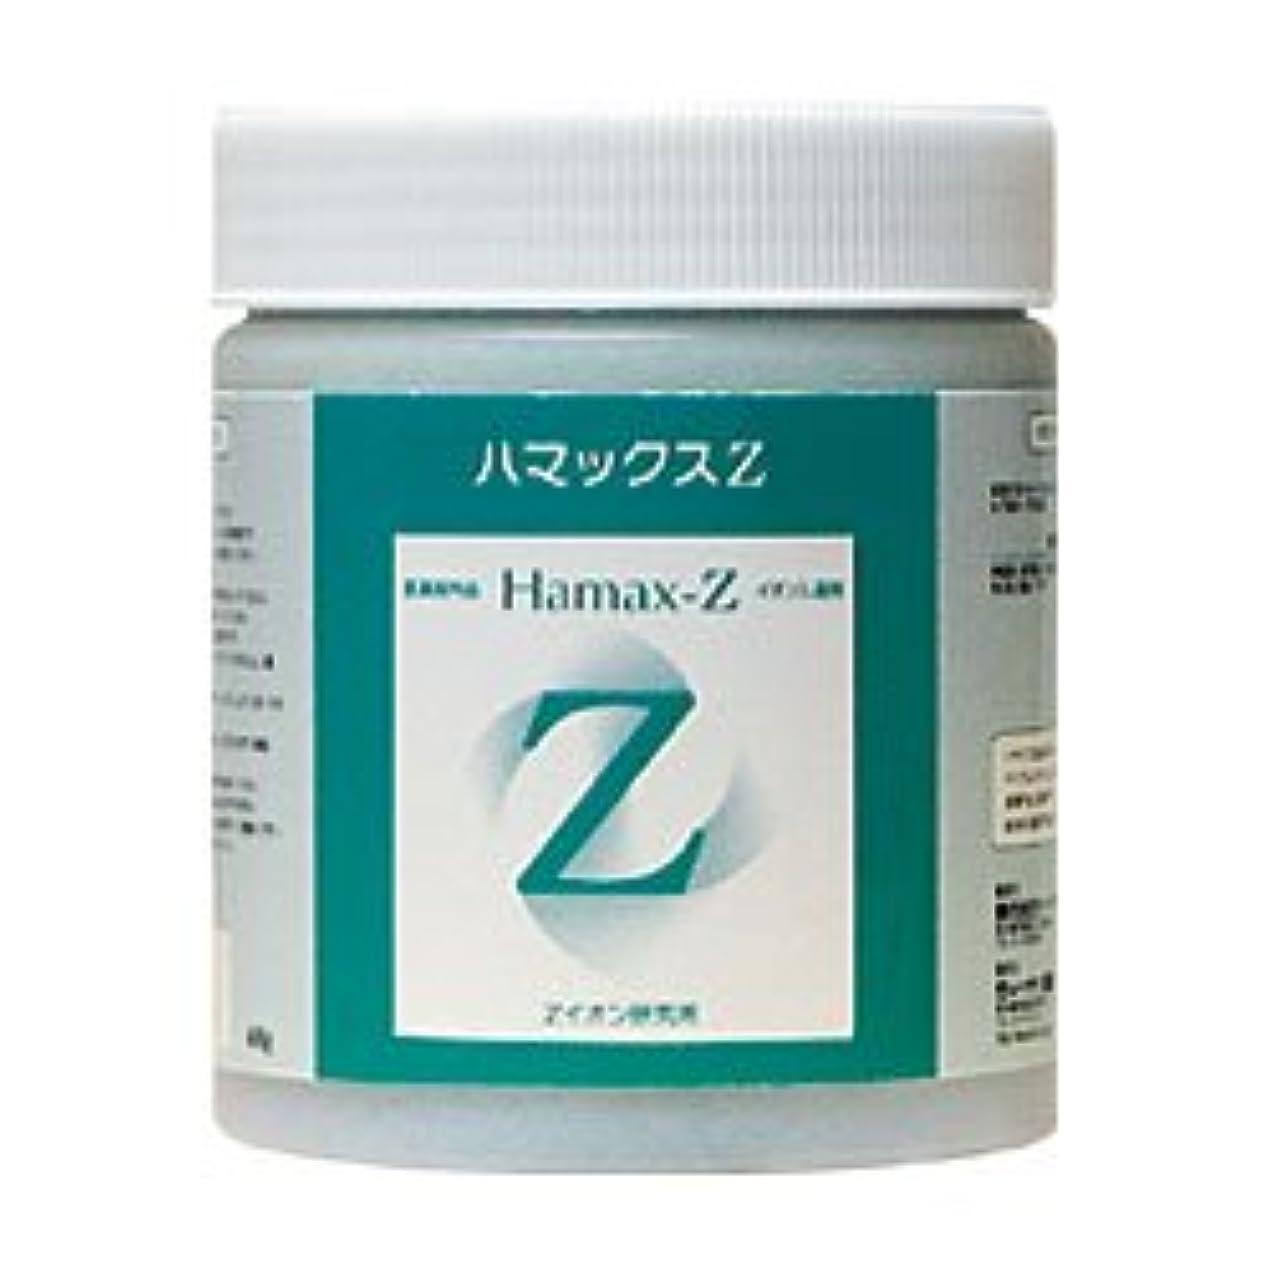 成人期解き明かすマスク医薬部外品 イオン入湯剤ハマックスZ 400g